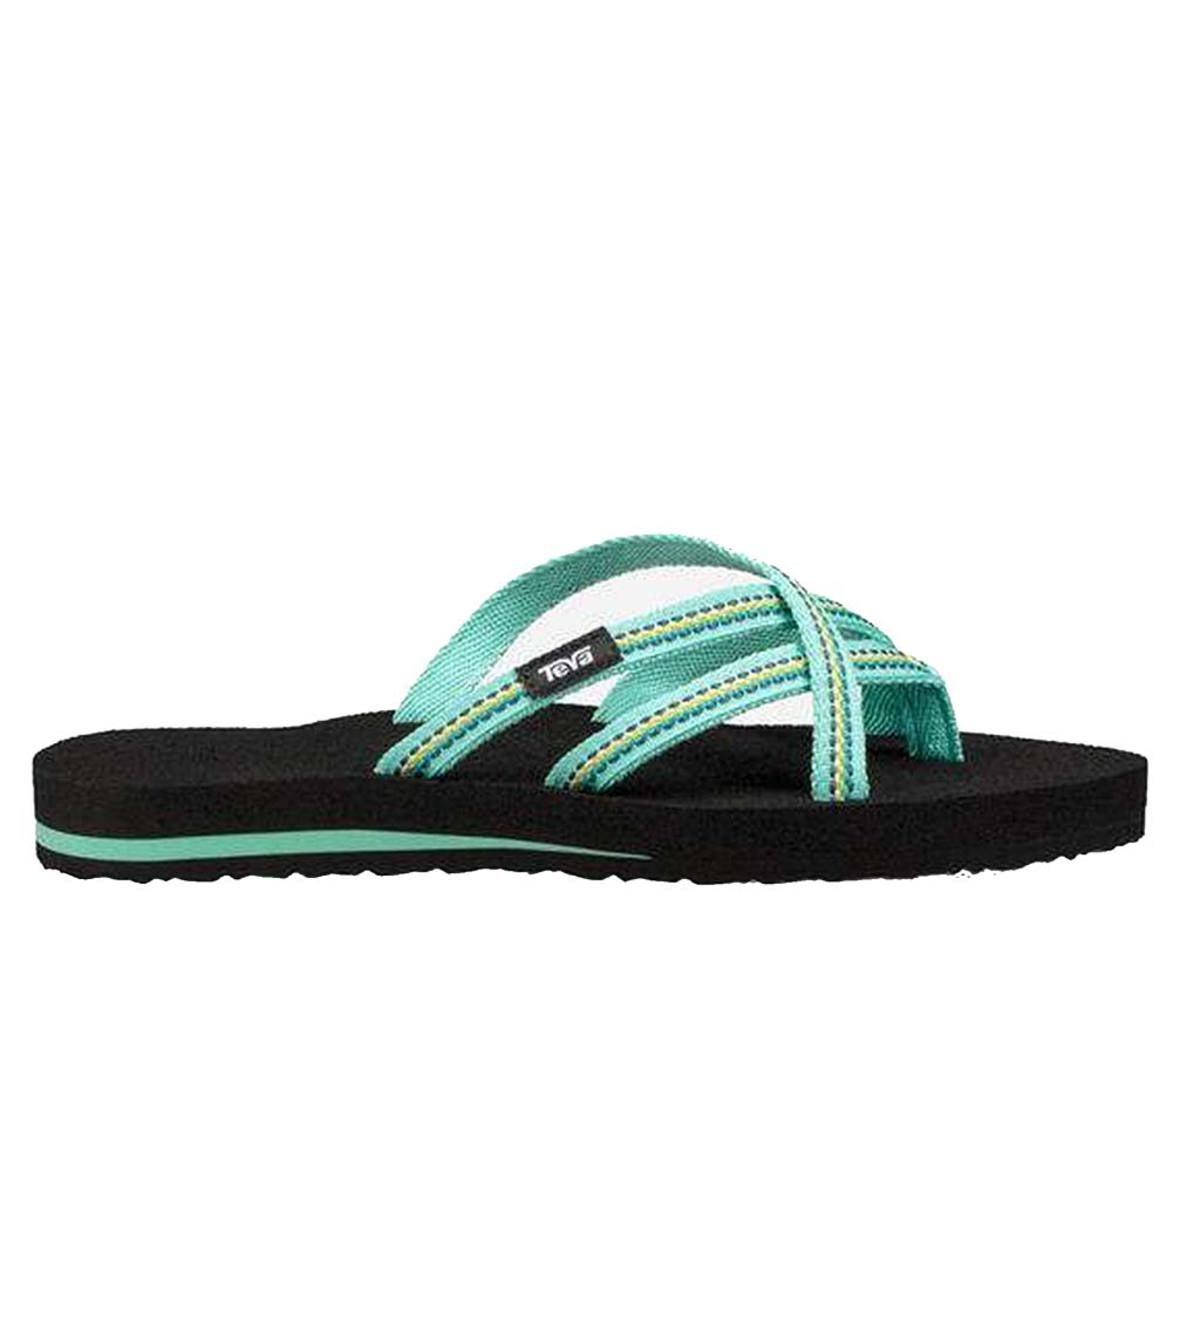 86144ff03 Teva Women s Mush Olowahu Flip Flops - Sea Glass - Size 6